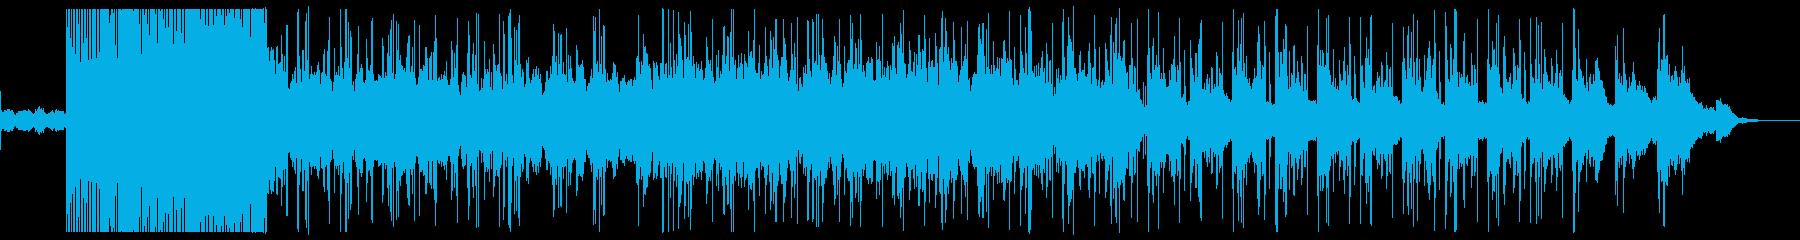 チルで印象的なシンセサウンドの曲の再生済みの波形